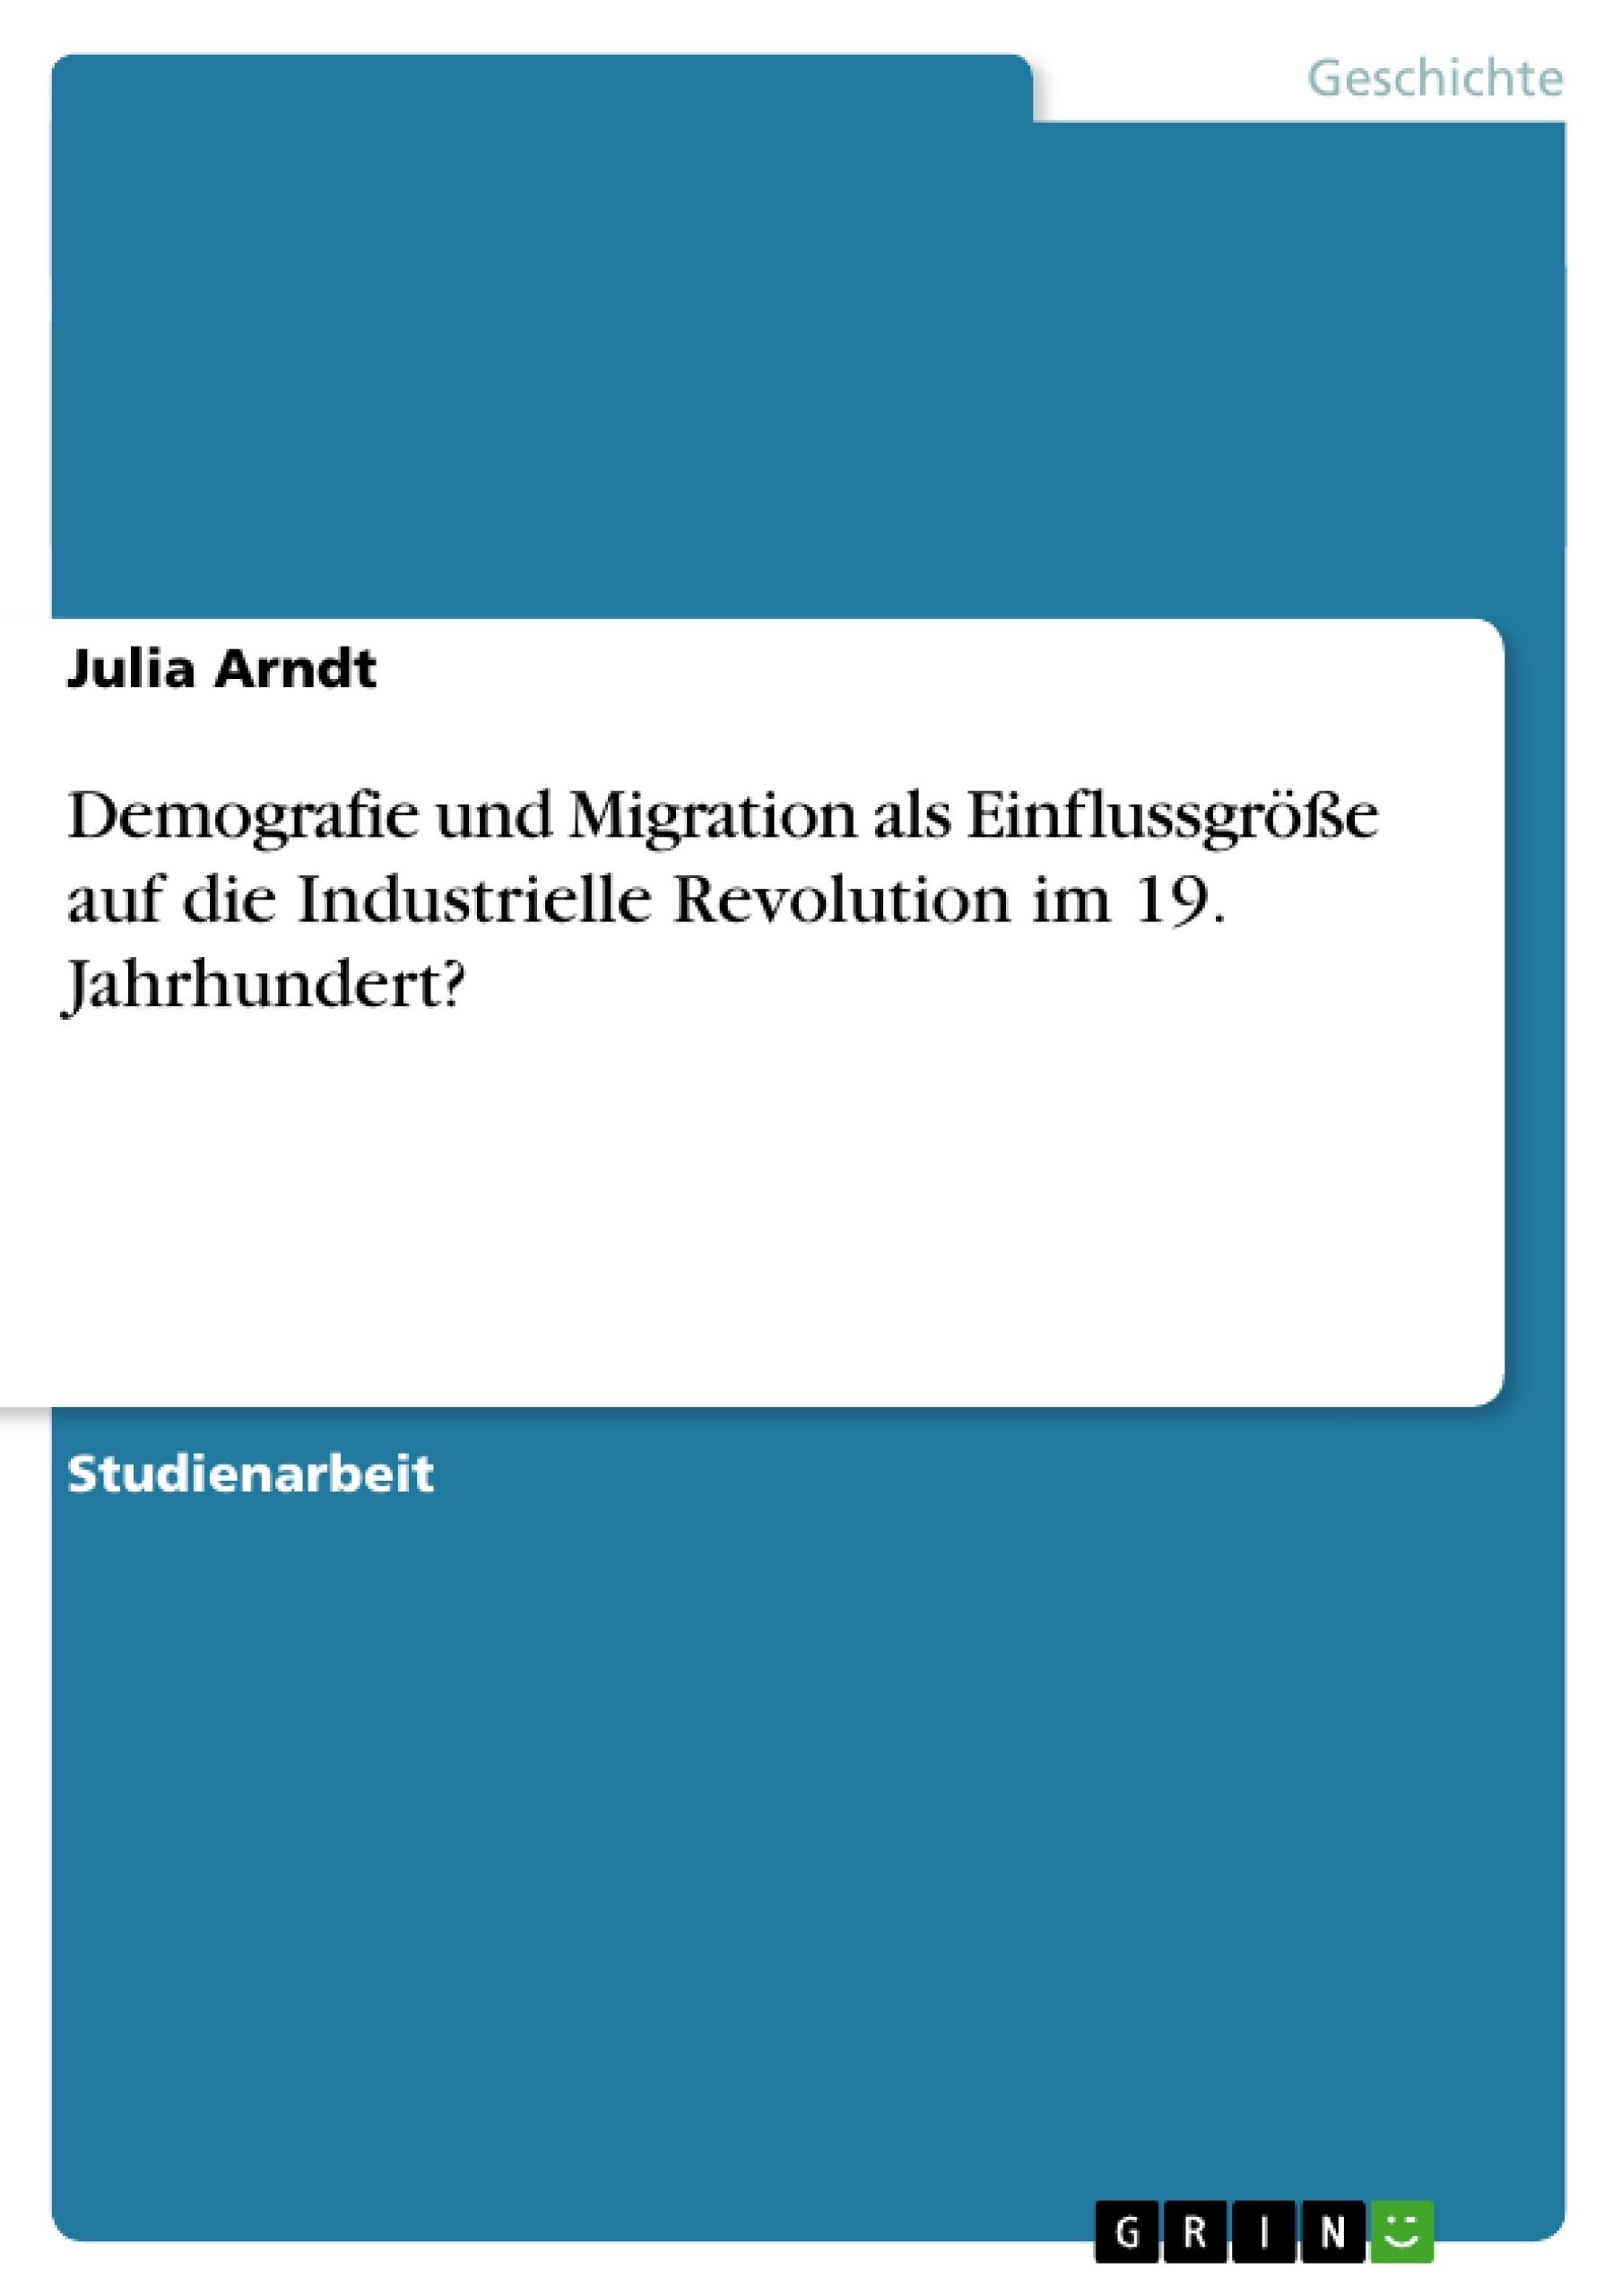 Titel: Demografie und Migration als Einflussgröße auf die Industrielle Revolution im 19. Jahrhundert?